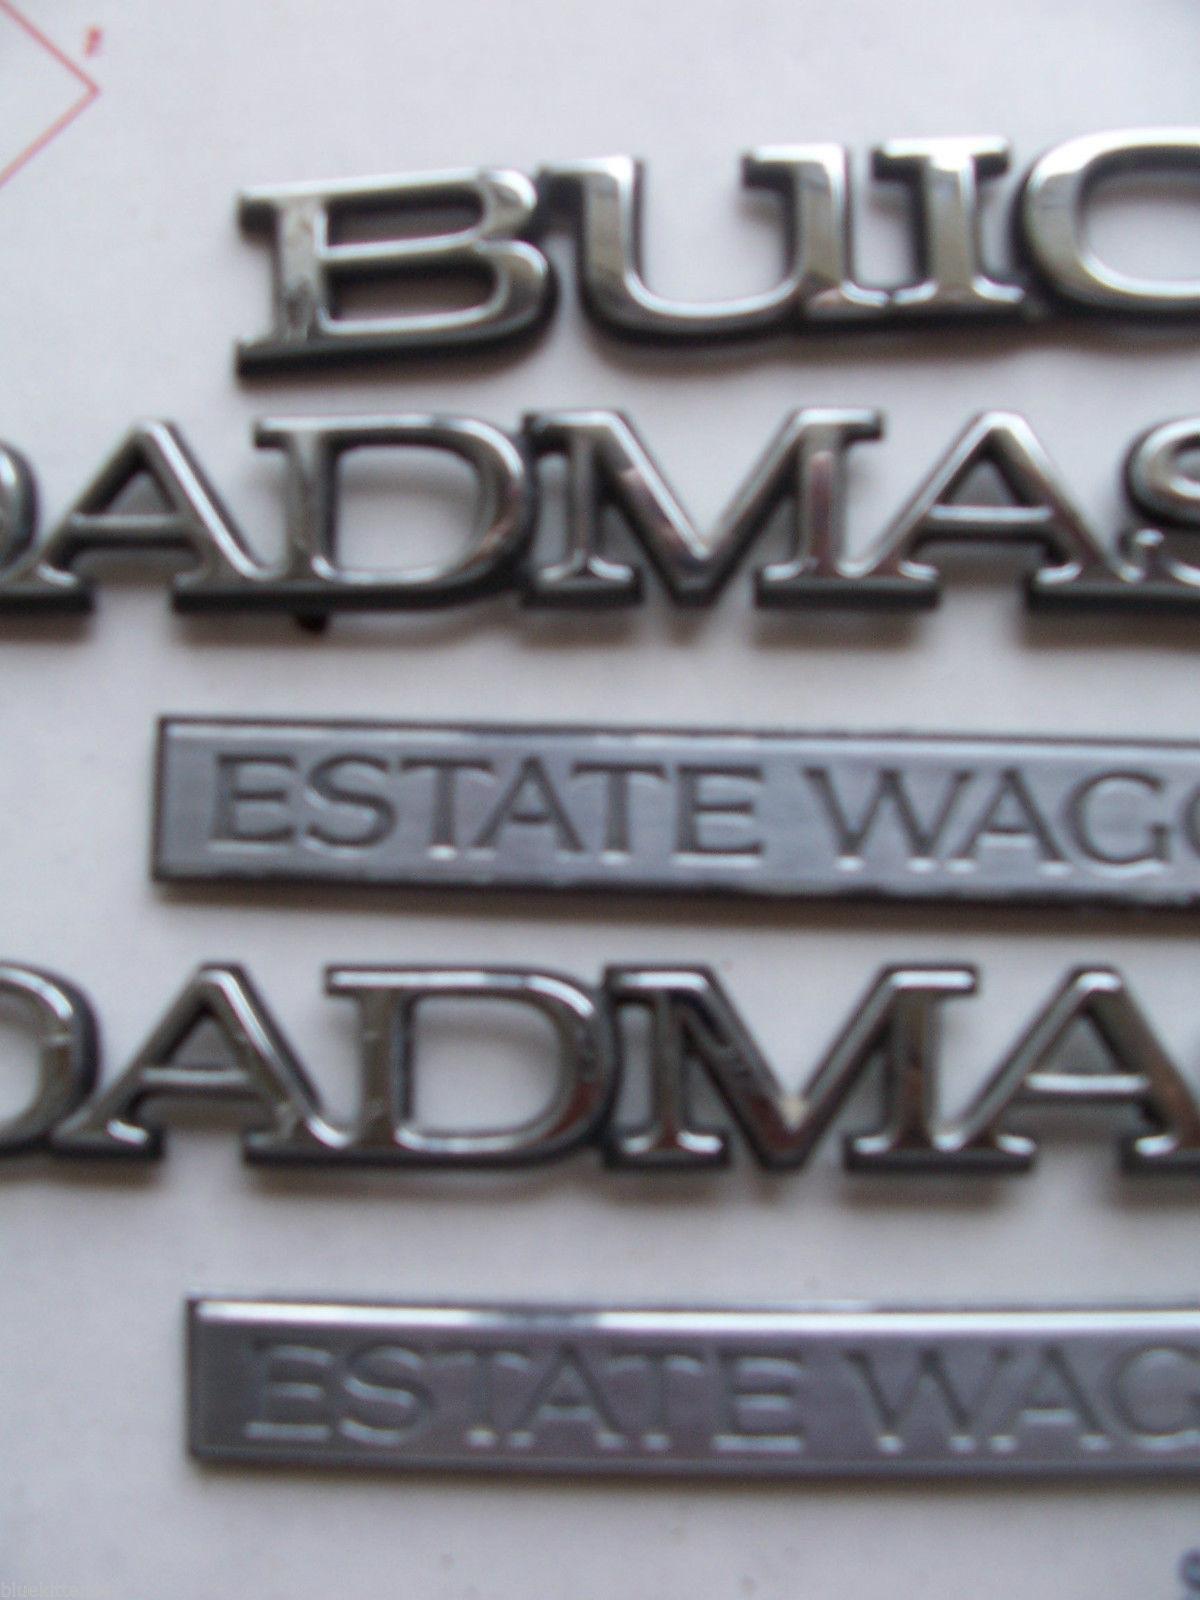 1996 ROADMASTER ESTATE WAGON SIDE & REAR 5 TRIM EMBLEM S OEM USED ORIG 1995 1994 image 4